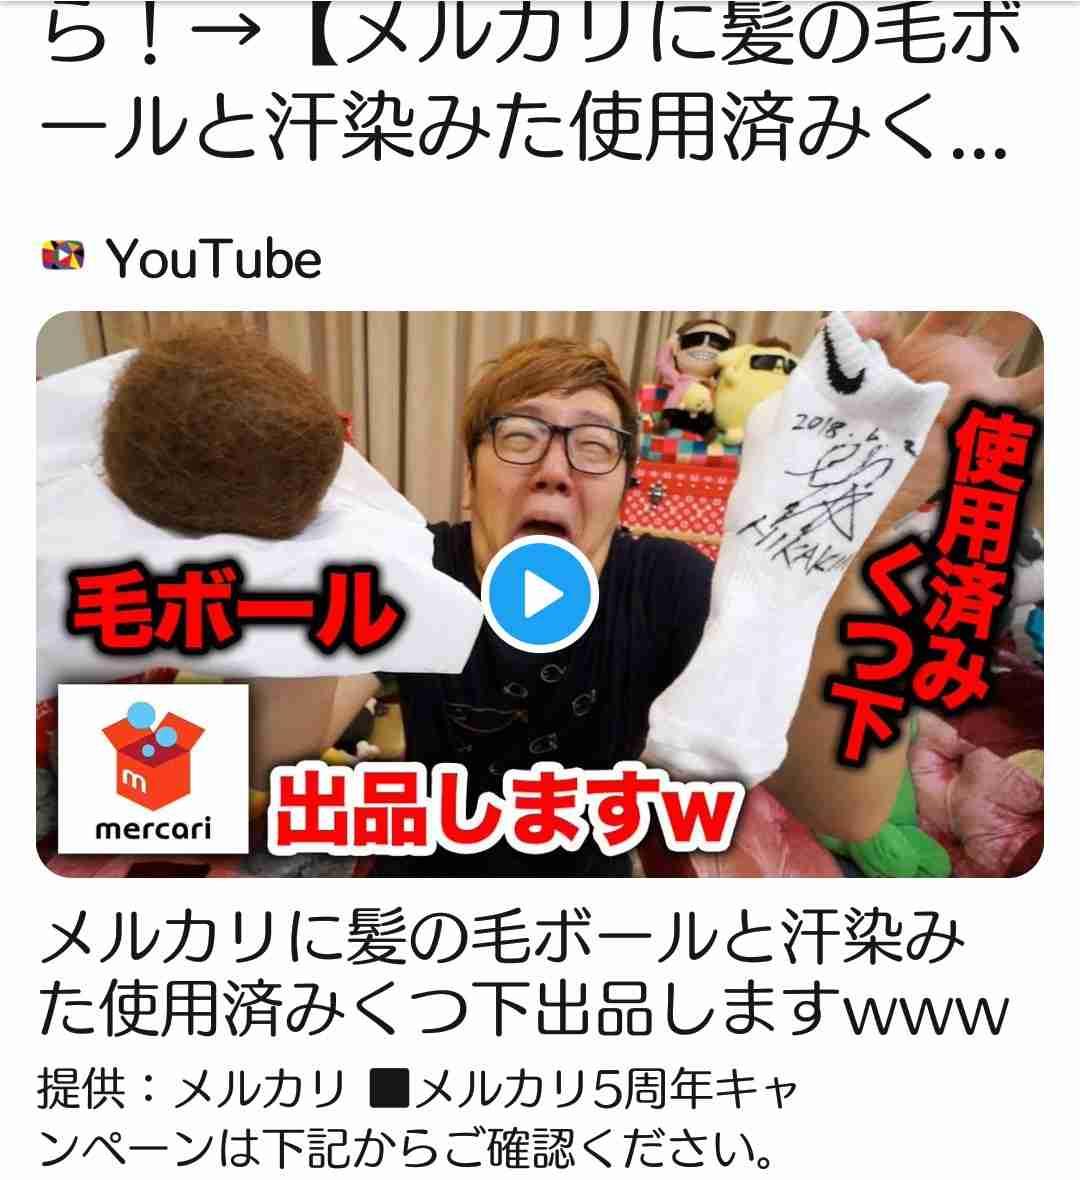 ヒカキンがW杯試合終了後の渋谷でゴミ拾い、またも好感度UPしてしまう 「マナーを守って日本代表を応援しましょう!」